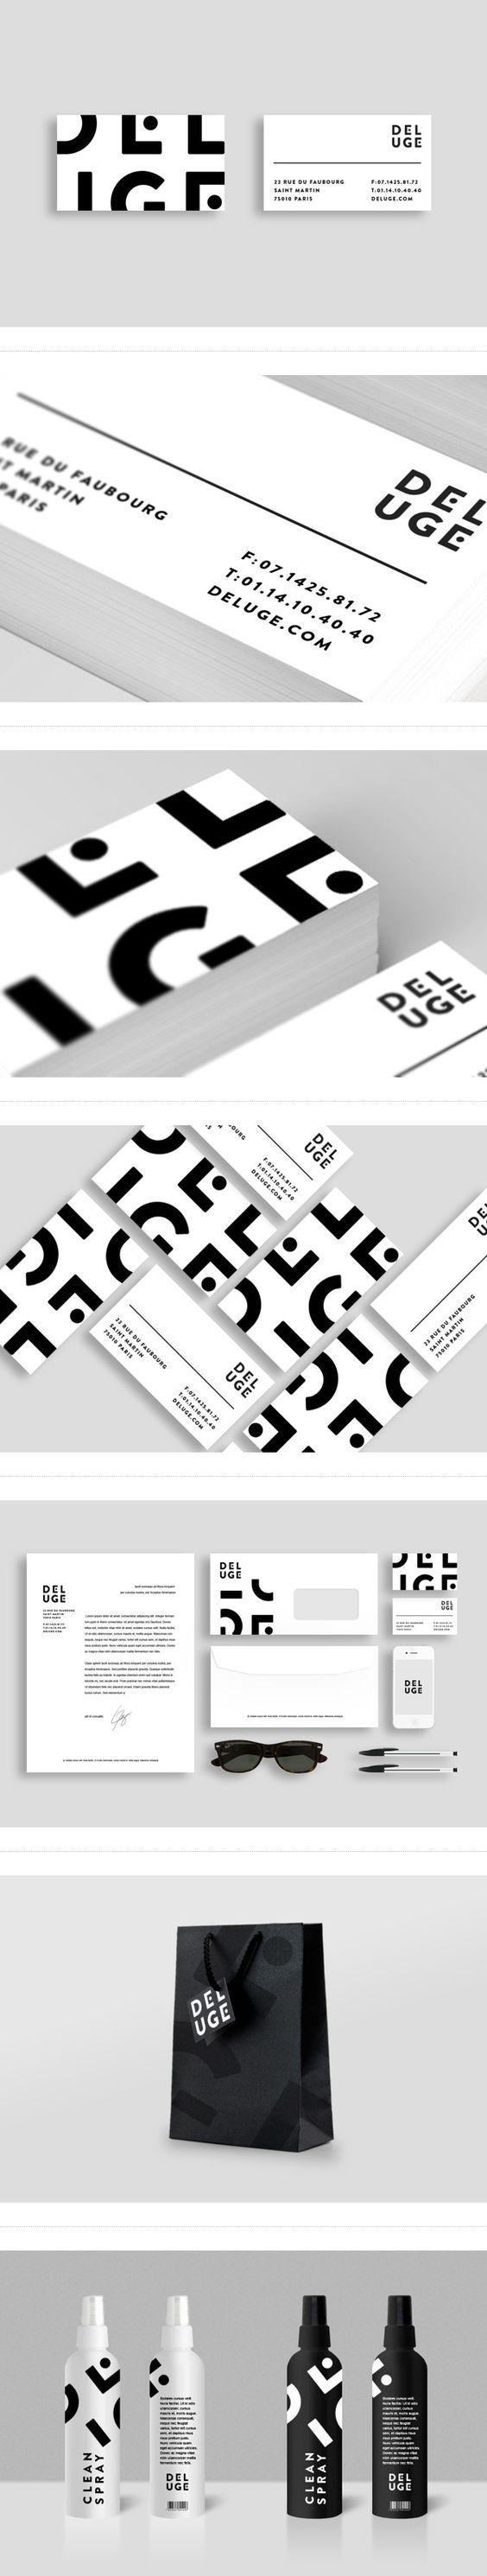 Deluge Branding on Behance | Fivestar Branding – Design and Branding Agency & Inspiration Gallery